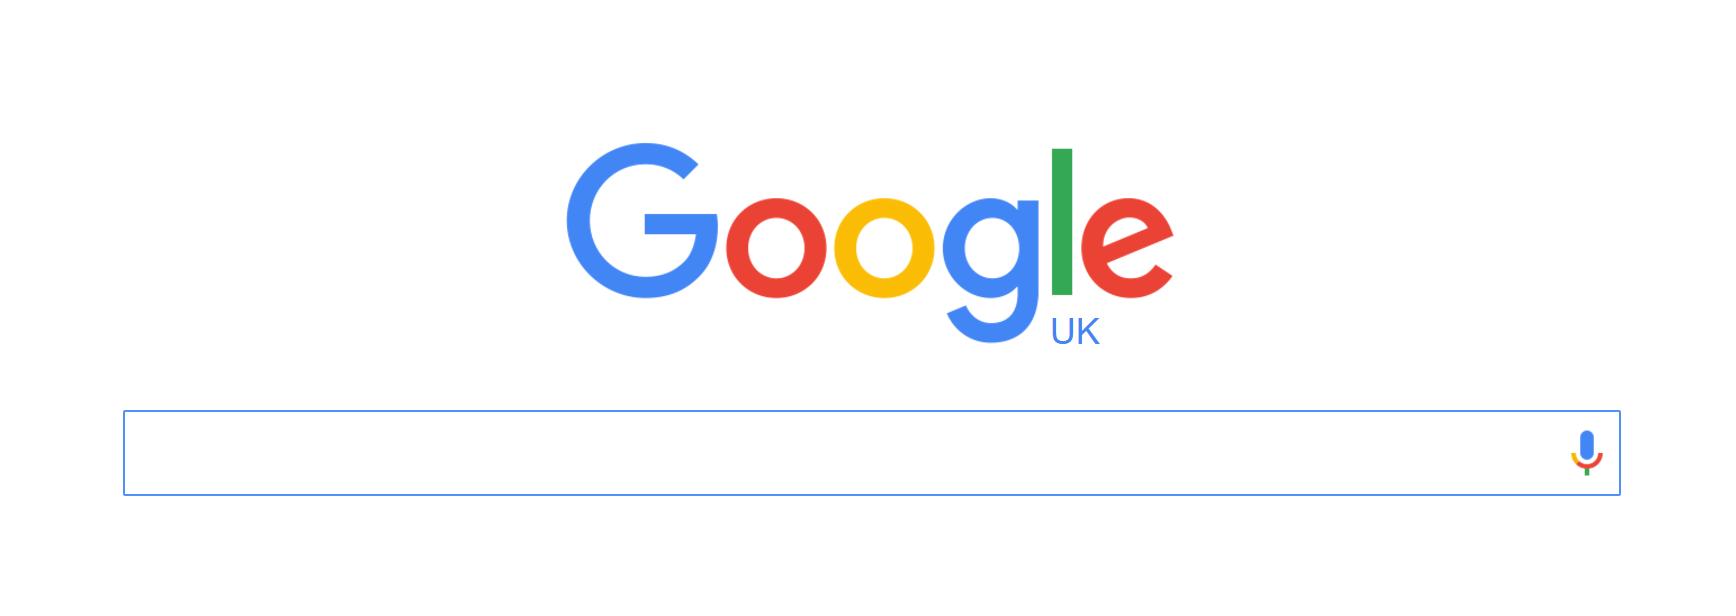 Remove Google Search Results -